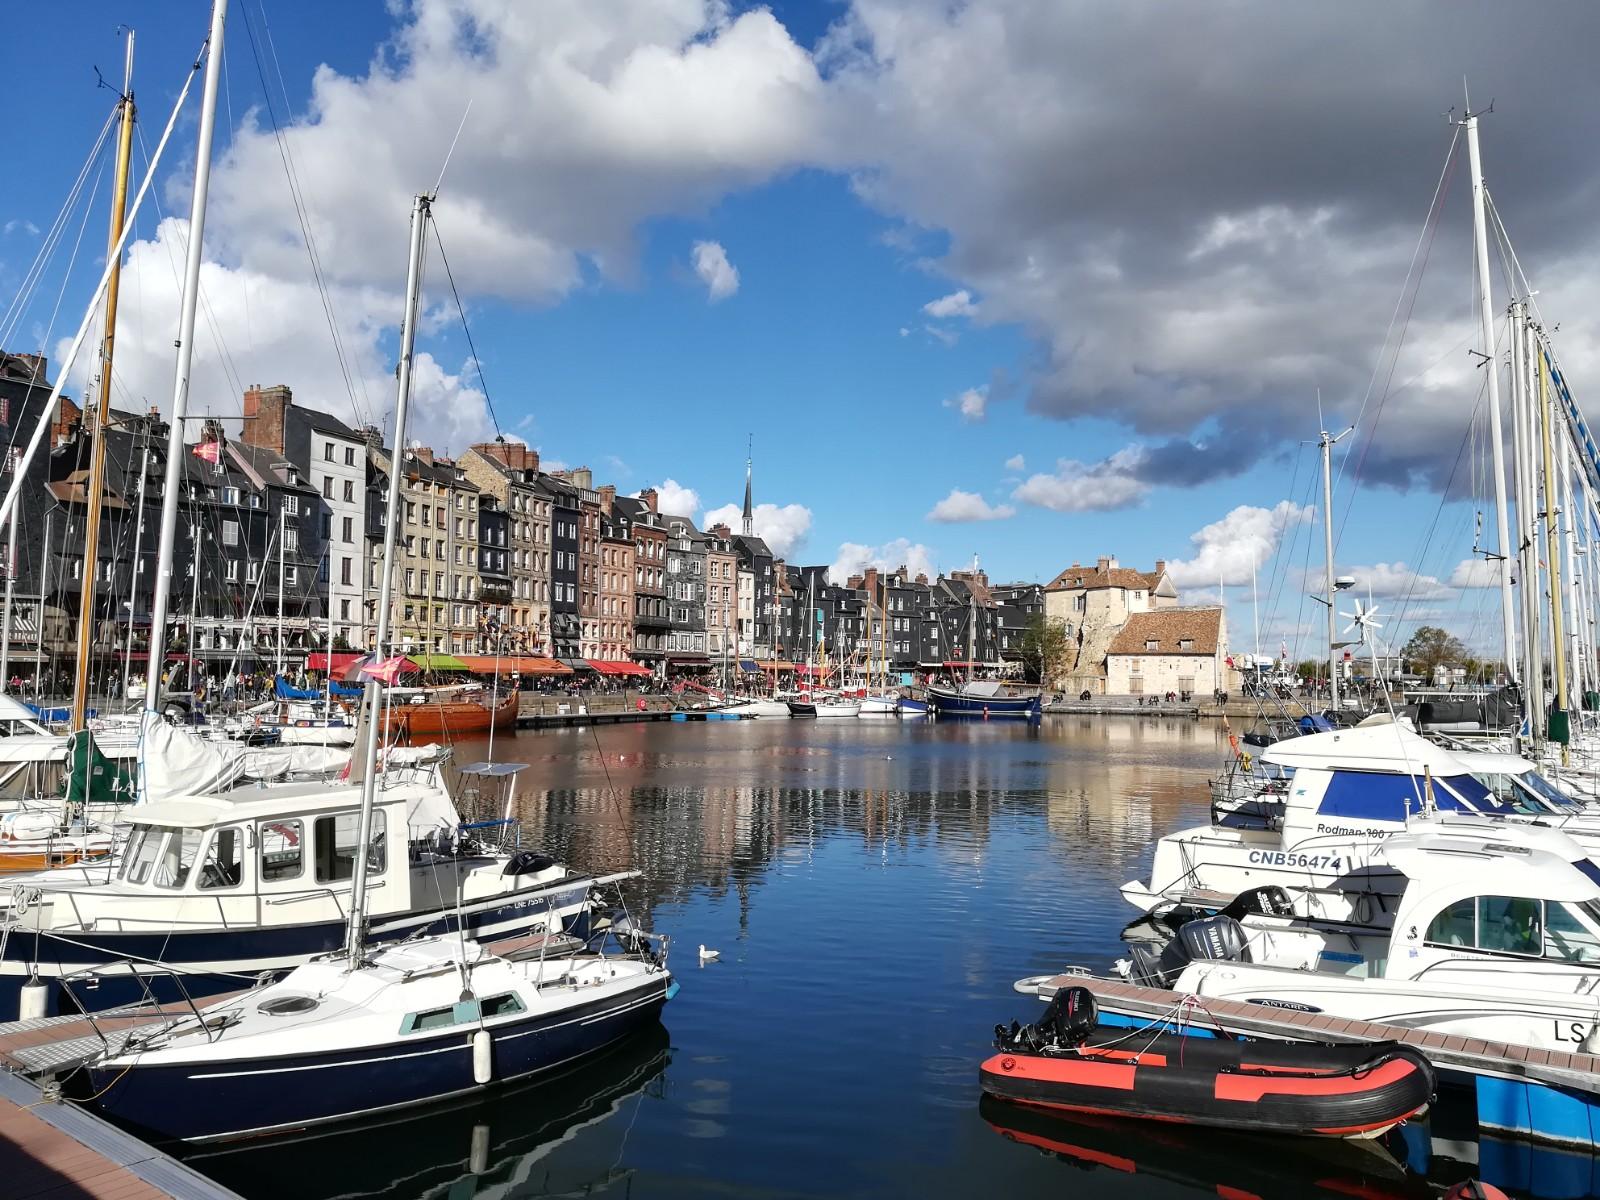 パリから2時間で行ける港町 オンフルールの見どころ3選